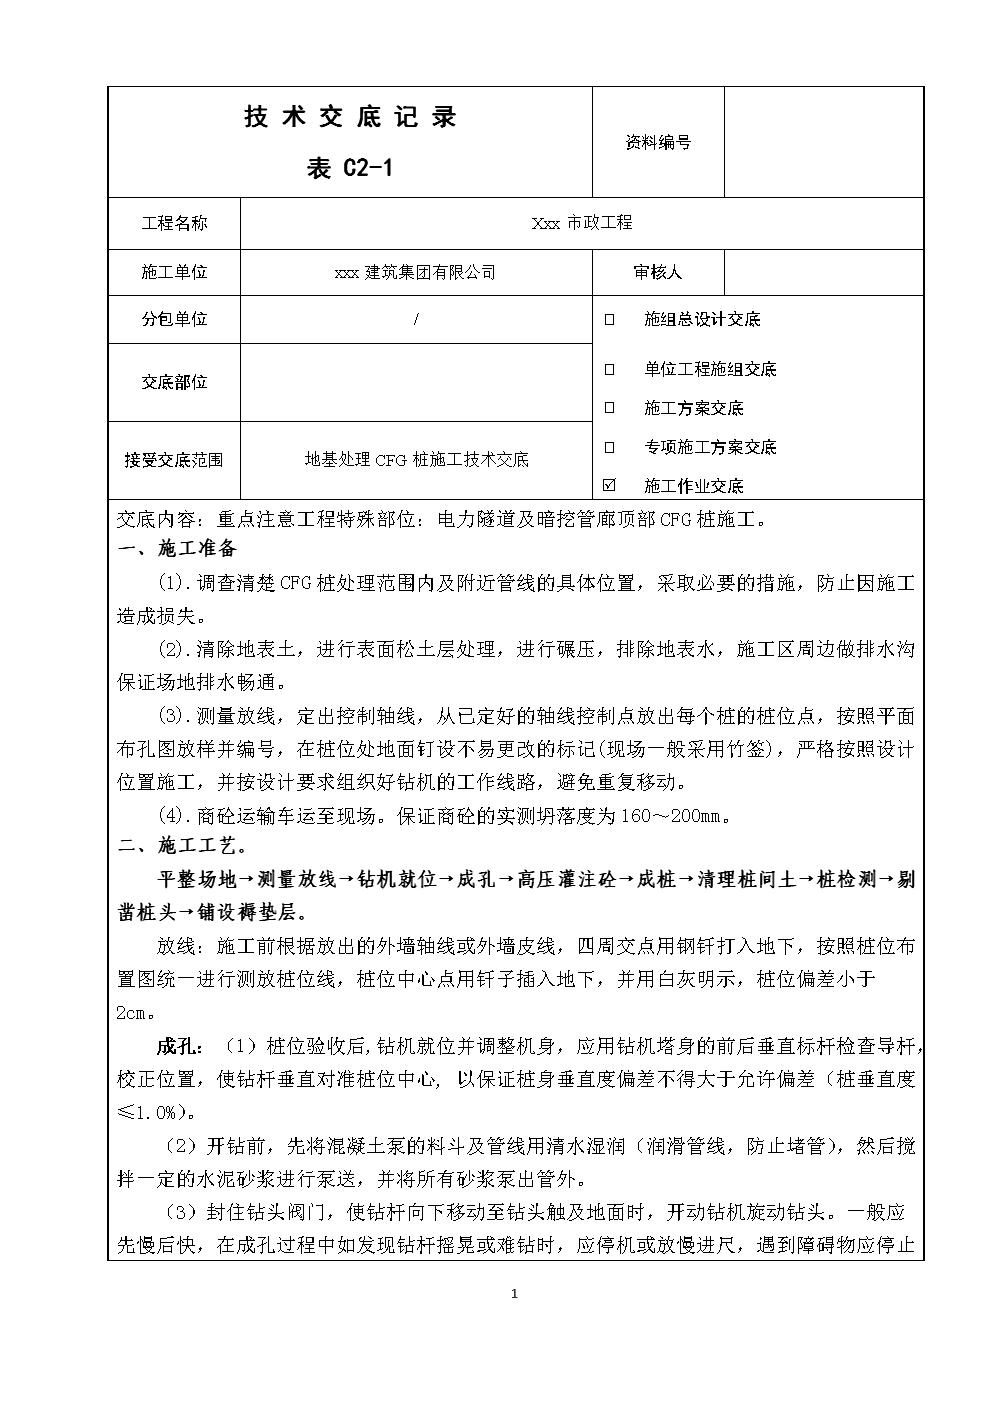 xxx项目CFG桩施工技术交底.doc